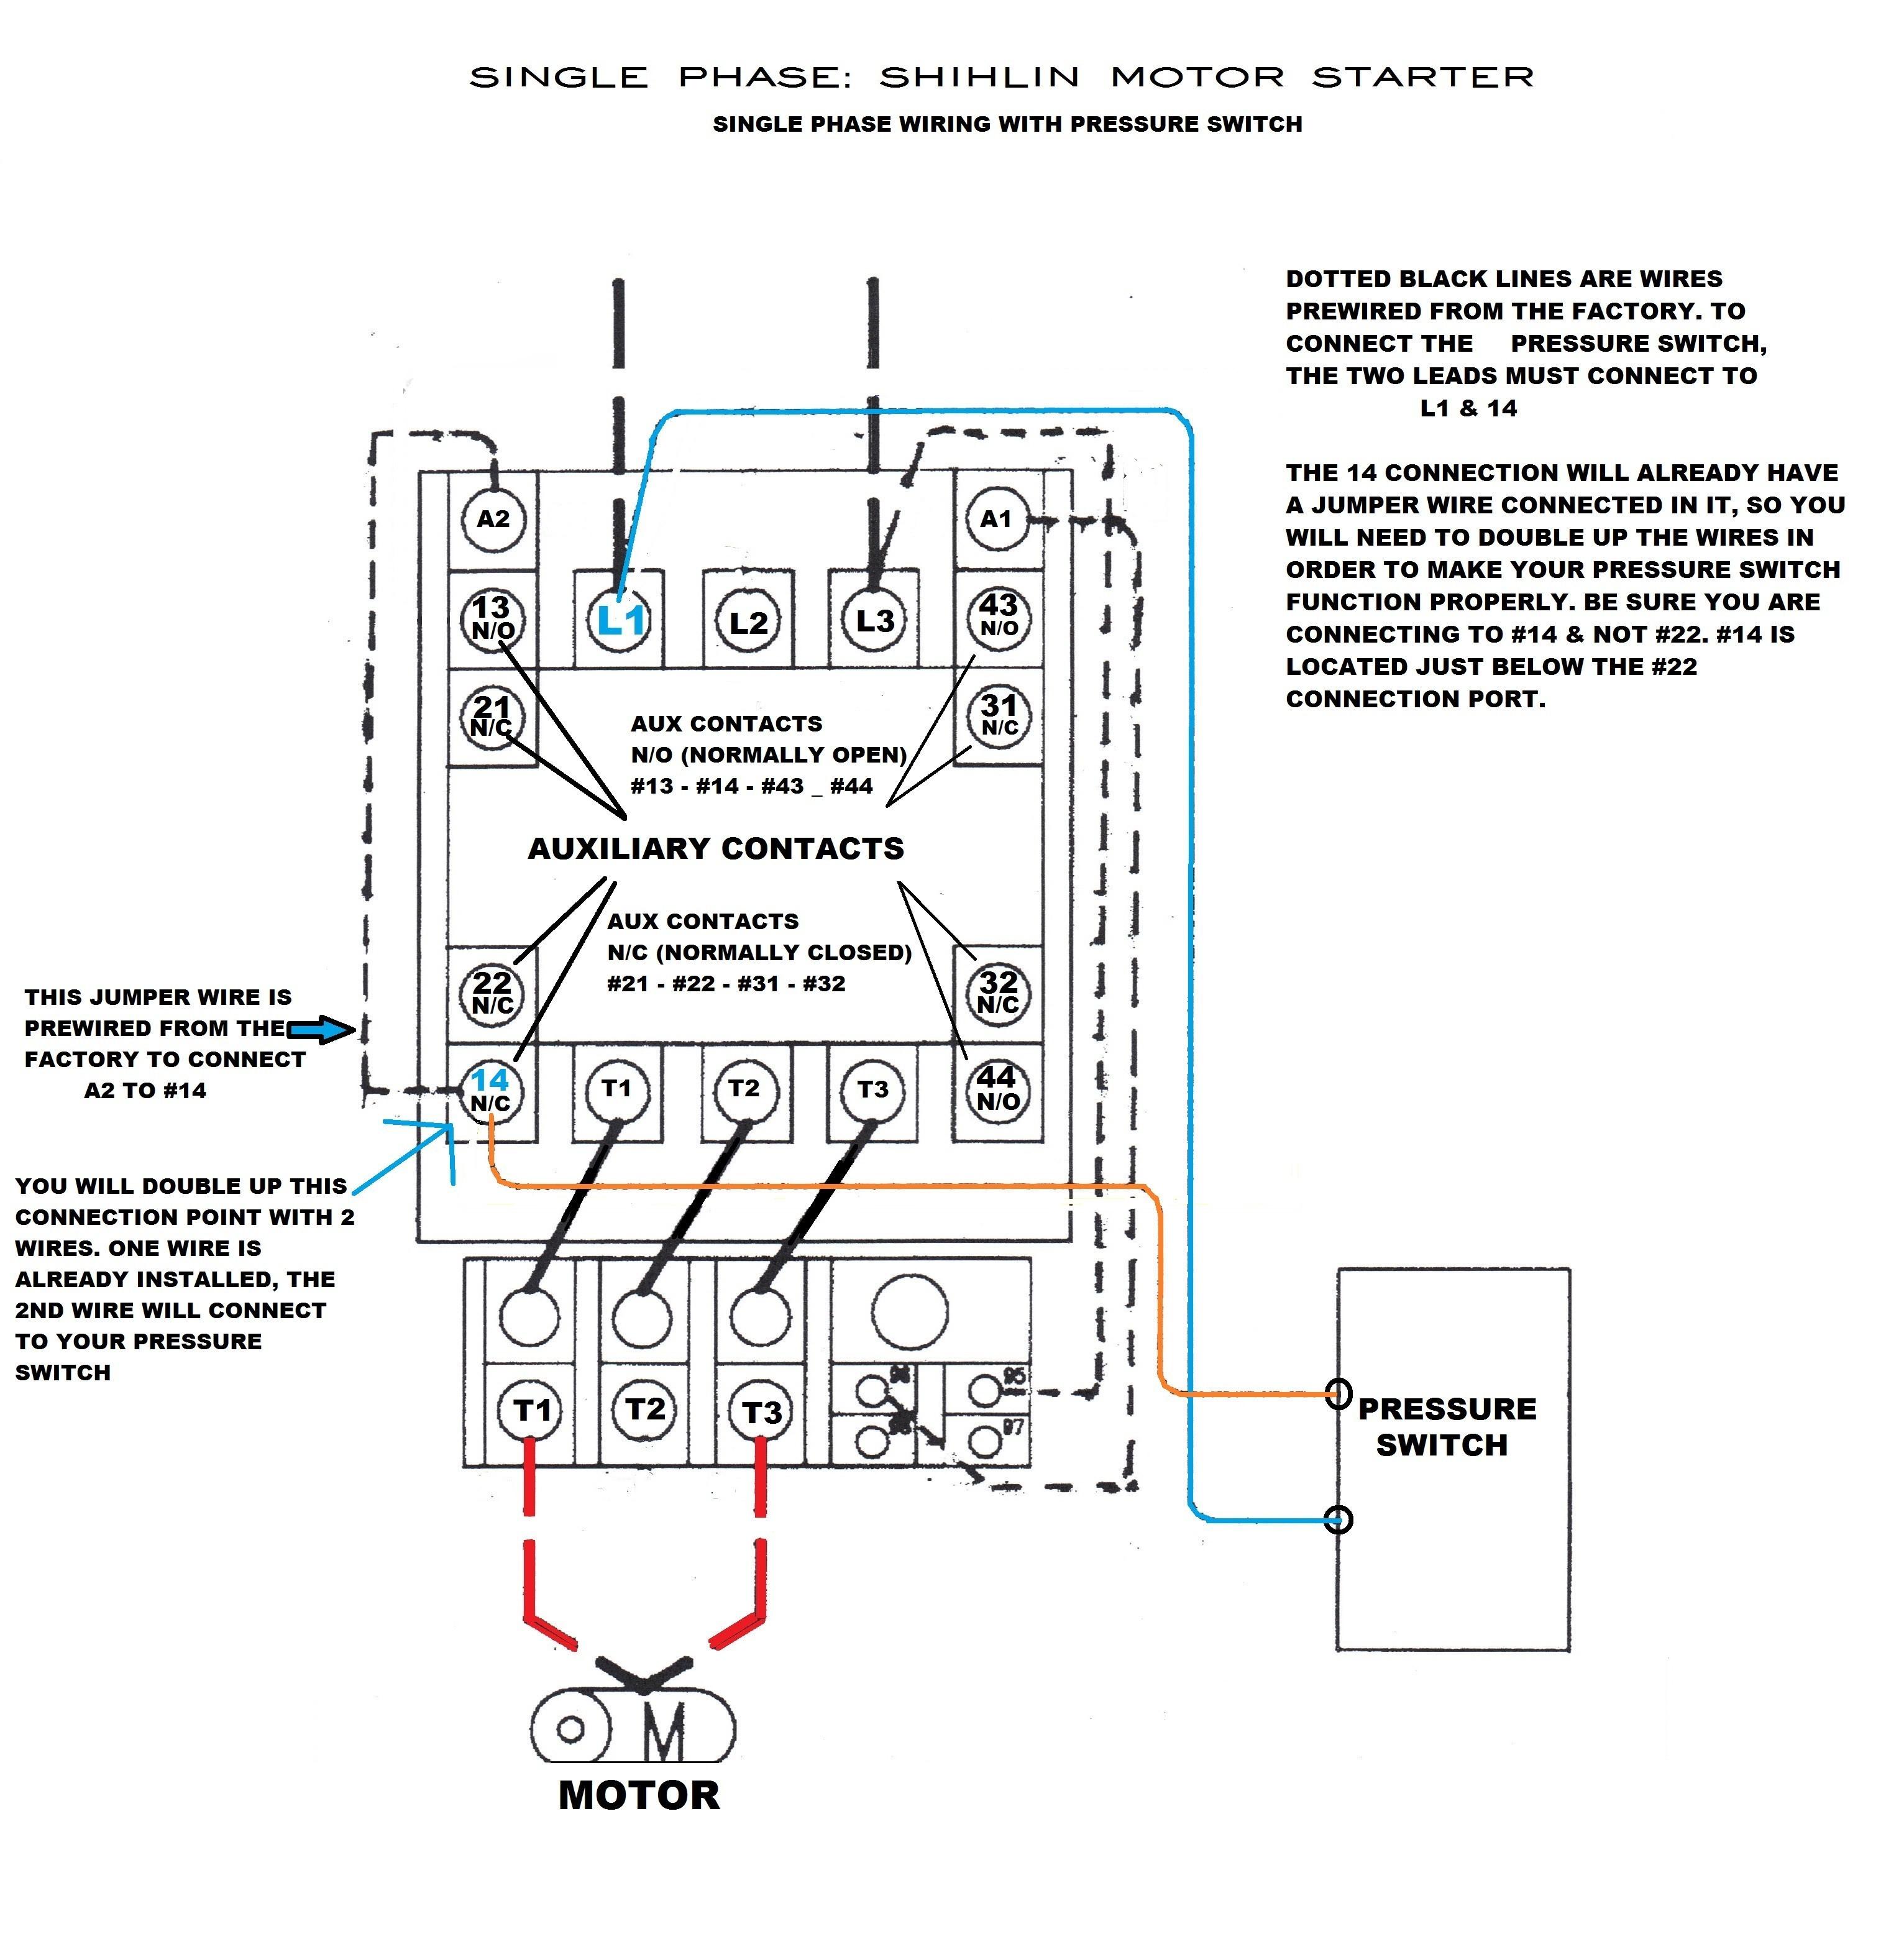 [DIAGRAM_38IU]  Weg Wiring Diagram - Audi 99 Quattro Fuse Box - msd6400.tiralarc-bretagne.fr | Weg Capacitor Wiring Diagram |  | Wiring Diagram Resource